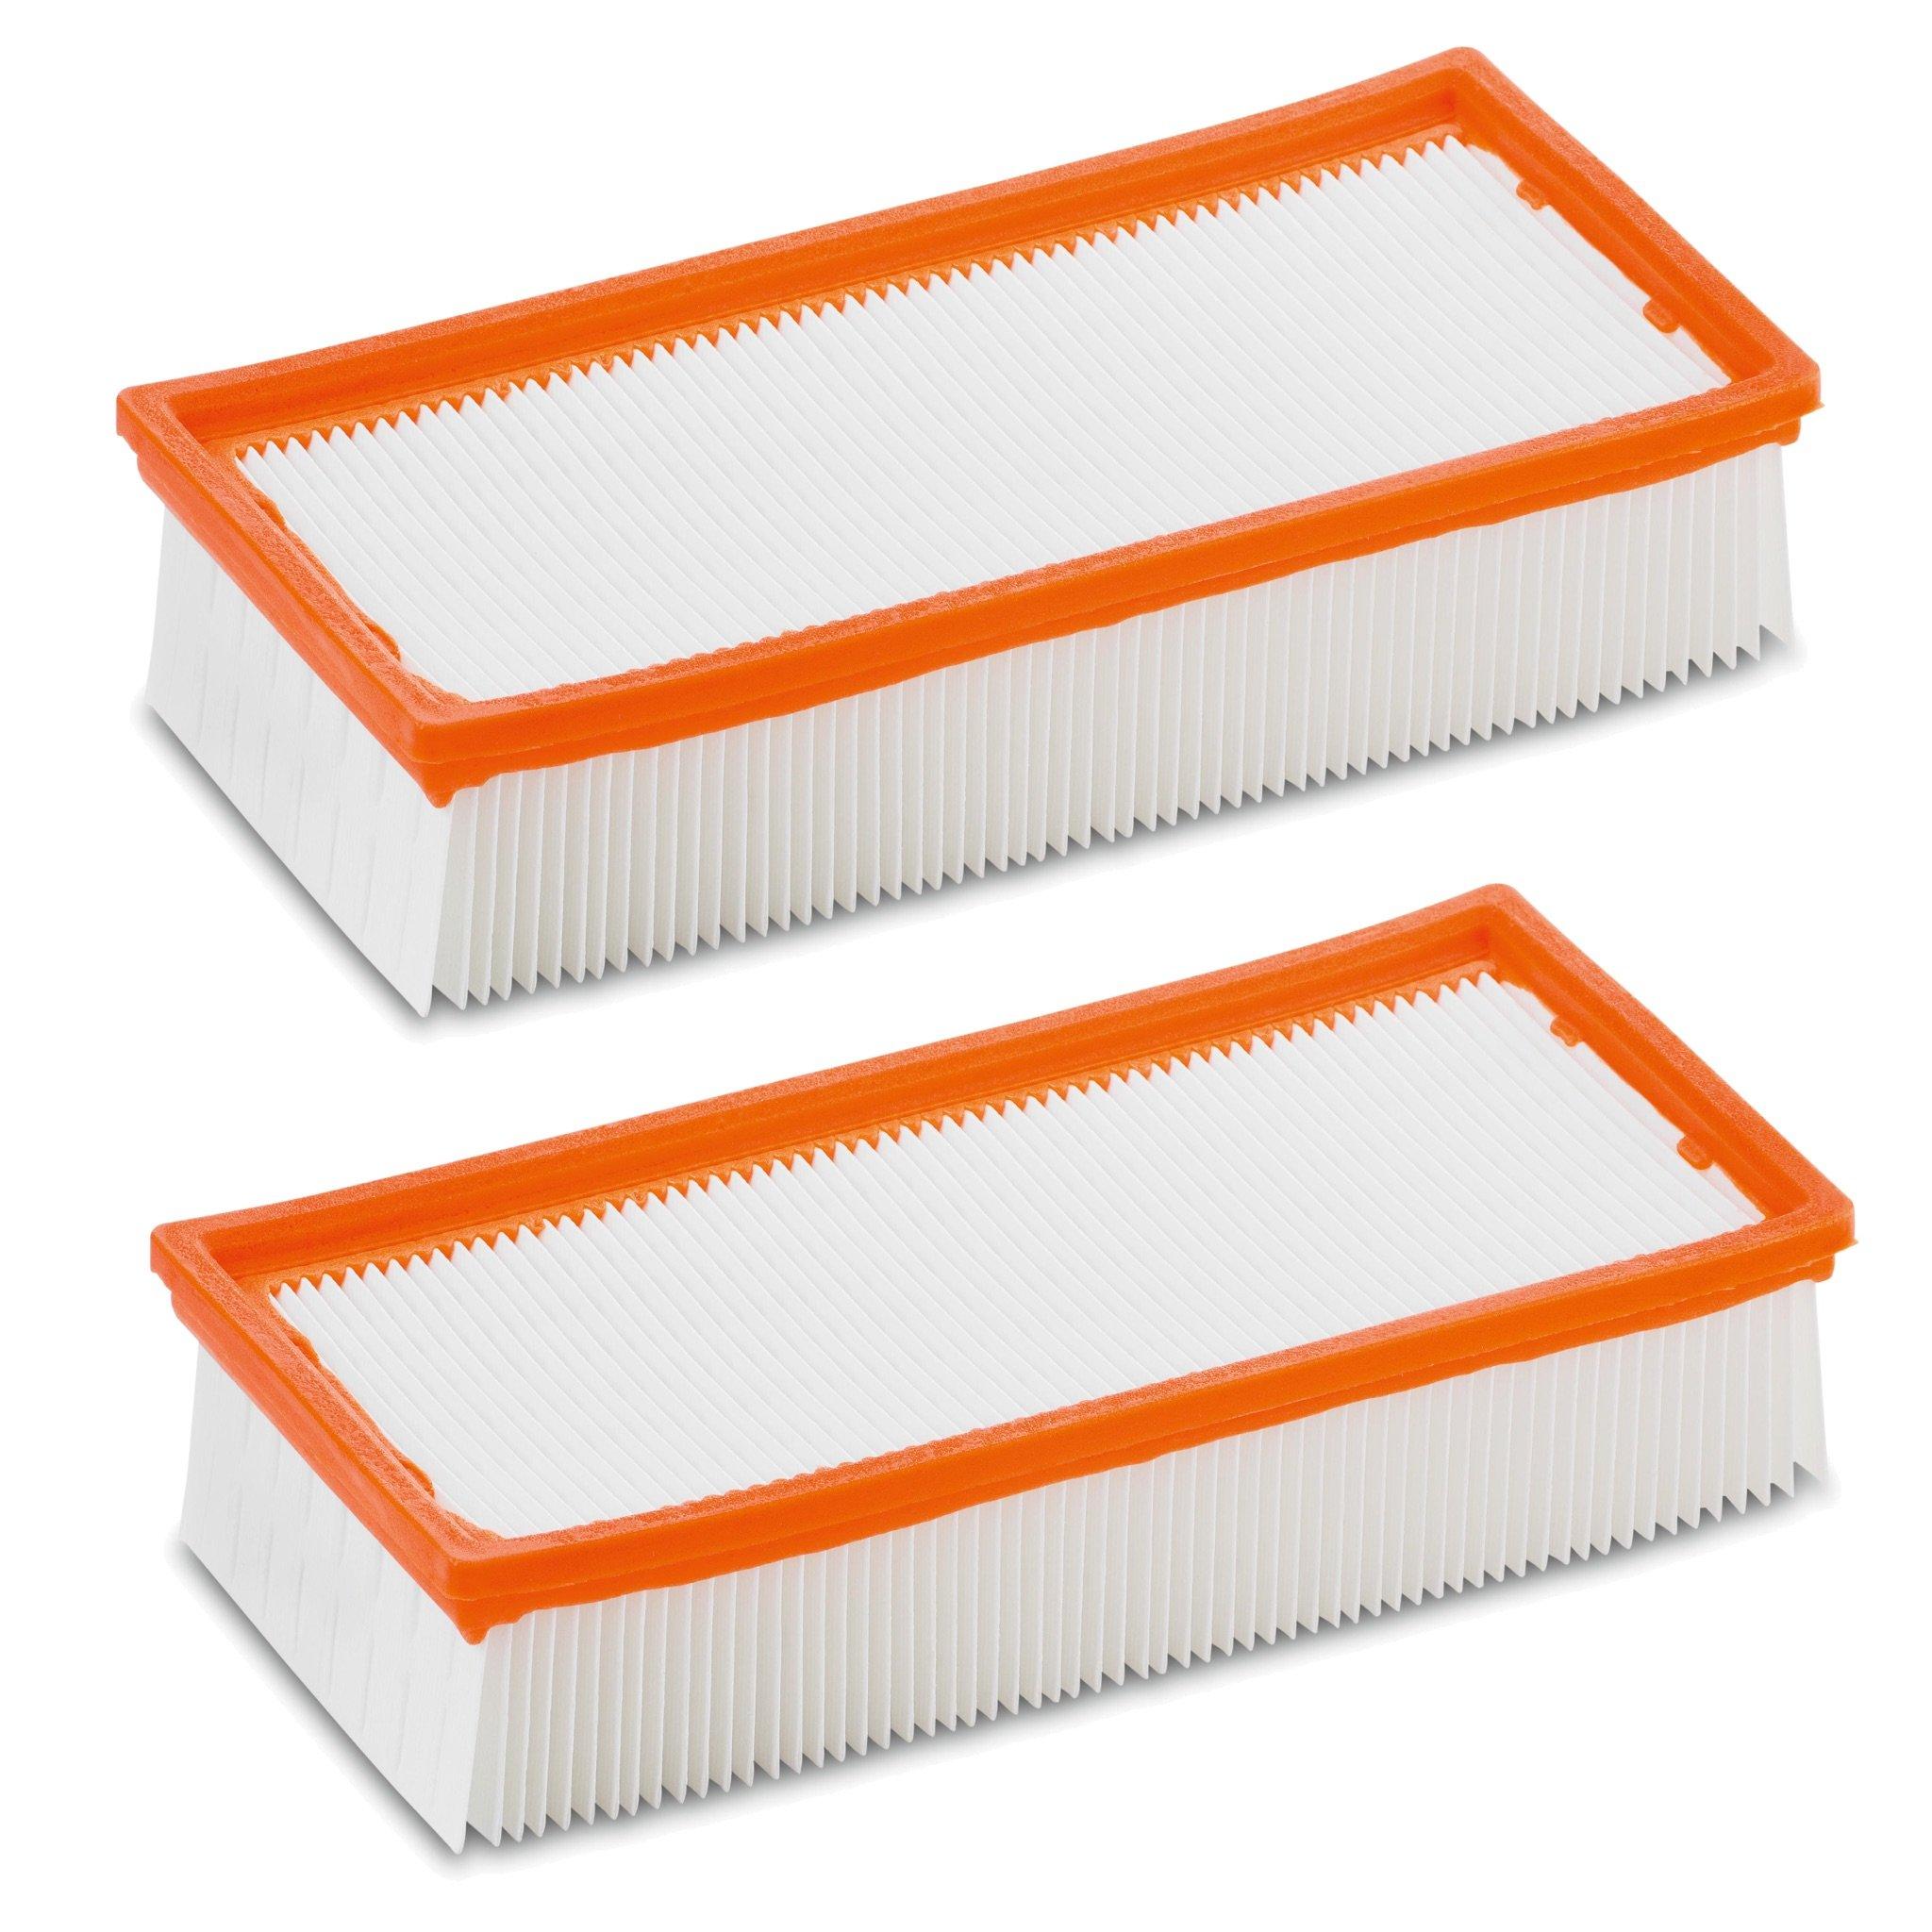 2 x Filtro de pliegues plano para Original Aspiradora Kärcher NT 65/2 Ap, NT 65/2 Eco, NT 65/2 Eco TC, NT 72/2 Eco TC, NT 75/2 Ap Me Tc como original 6.904 - 283.0, 6.904 - 283 (2 unidades): Amazon.es: Bricolaje y herramientas